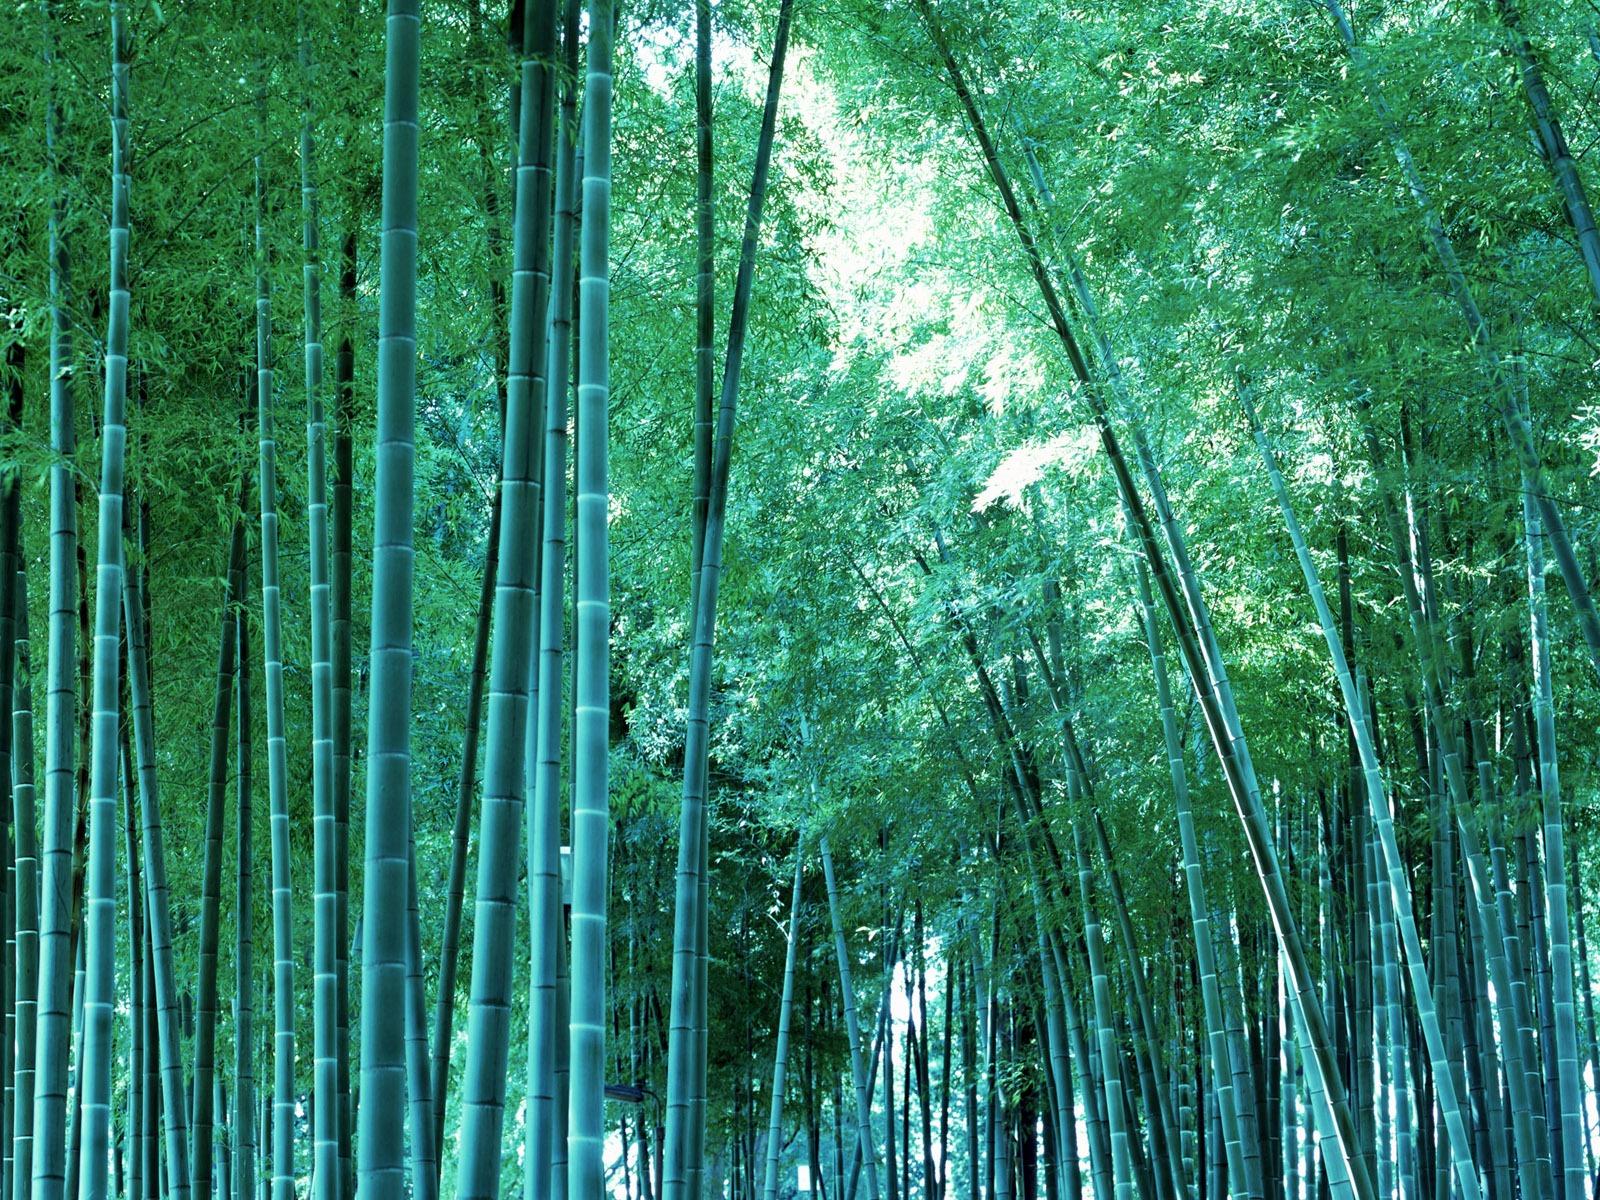 http://3.bp.blogspot.com/-SSA9Kw5ILaI/Tqax_SNQE_I/AAAAAAAABME/hWyJNF7wH1A/s1600/bamboo_print_wallpaper.jpg